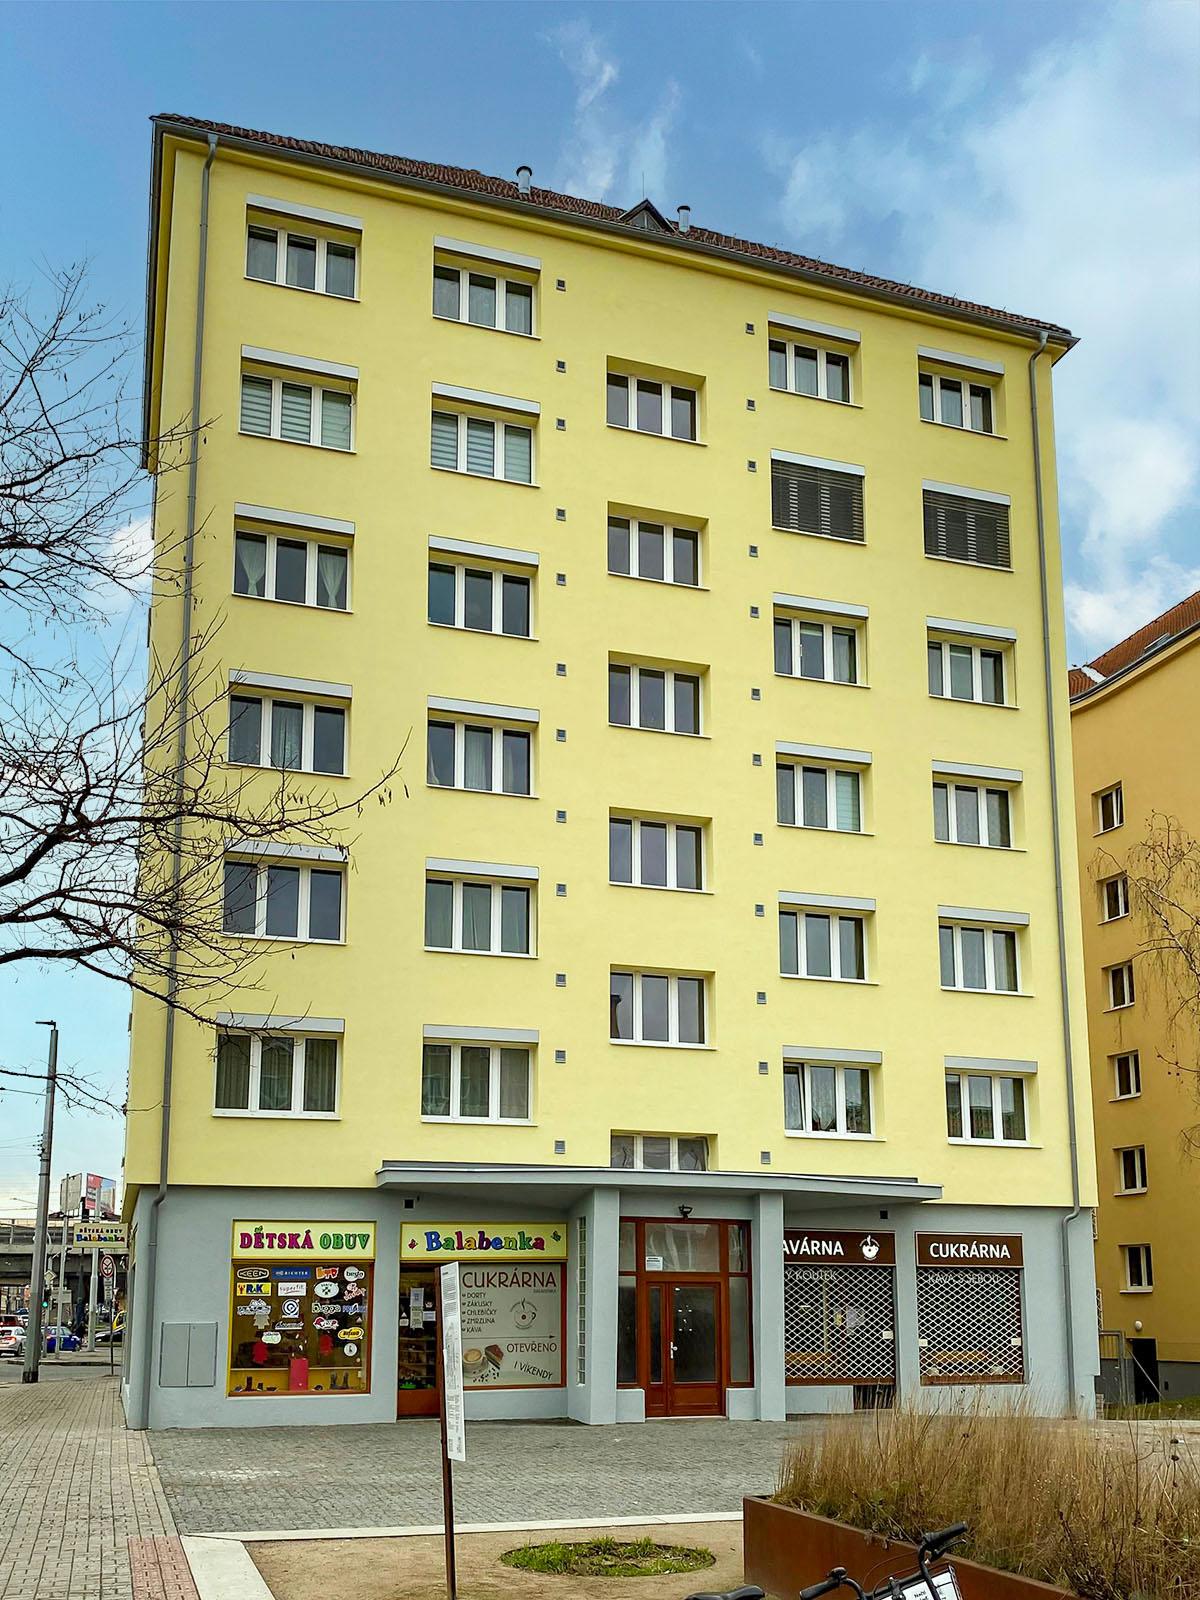 Náměstí Na Balabence 1439/1, Praha